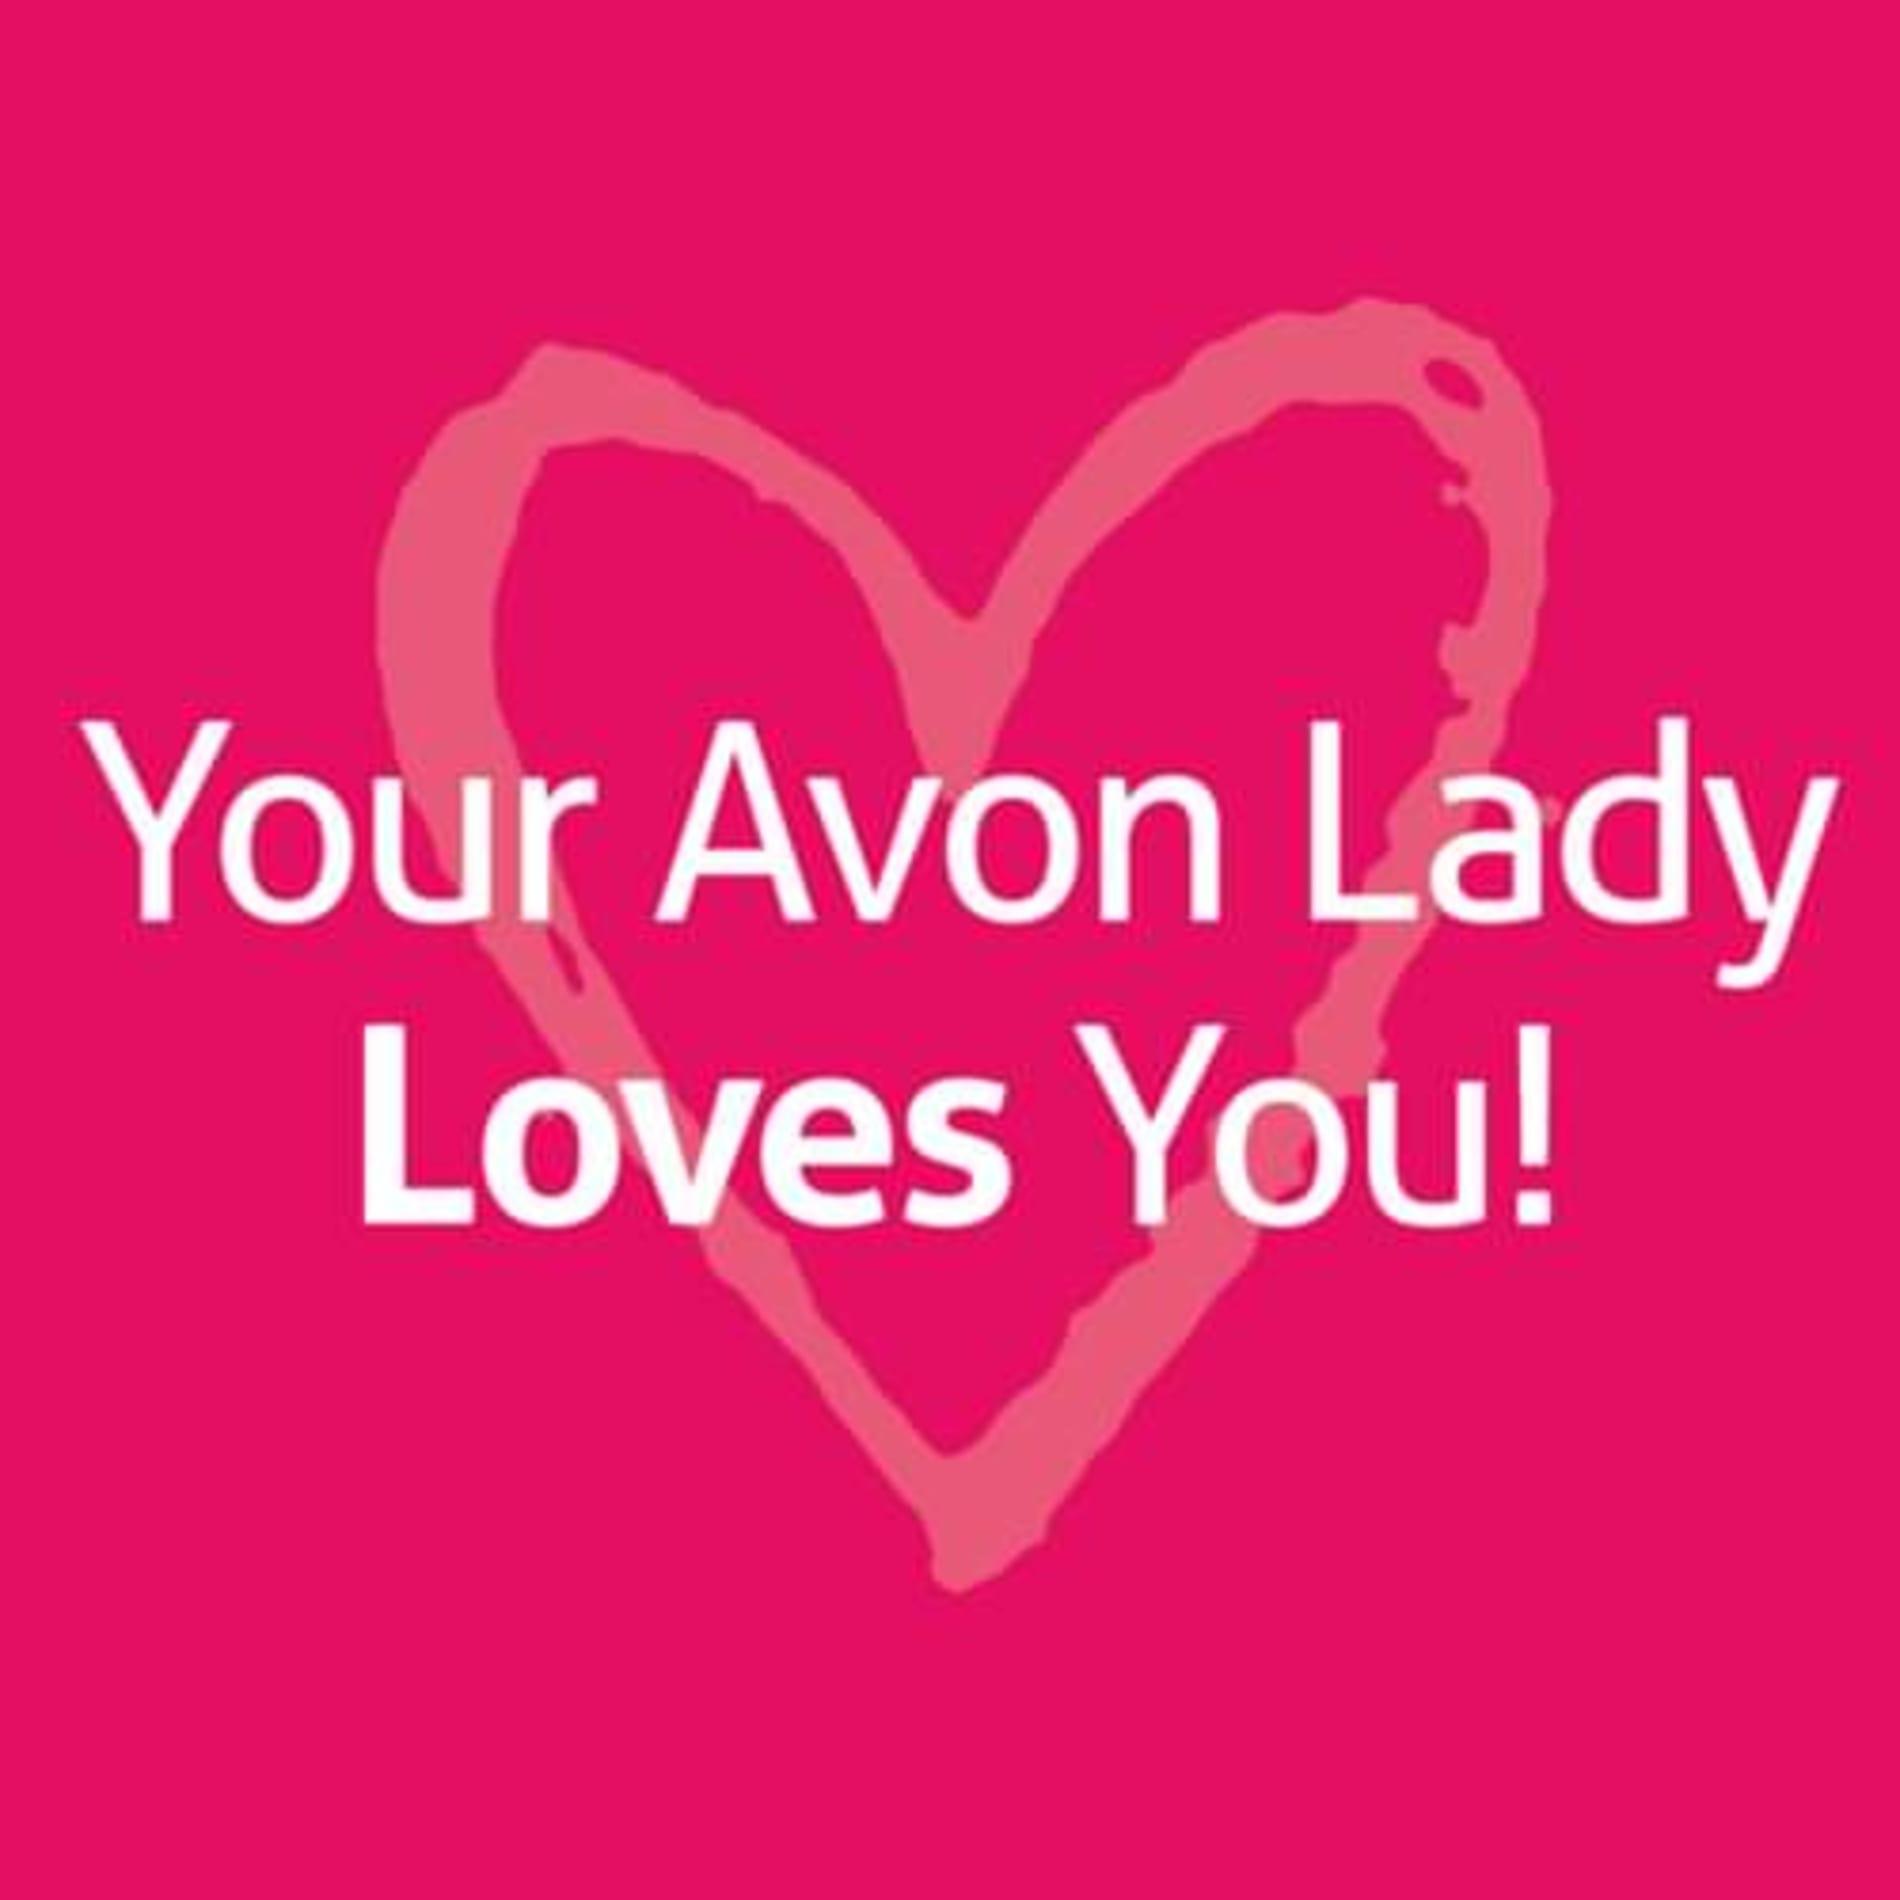 Sarah's Avon